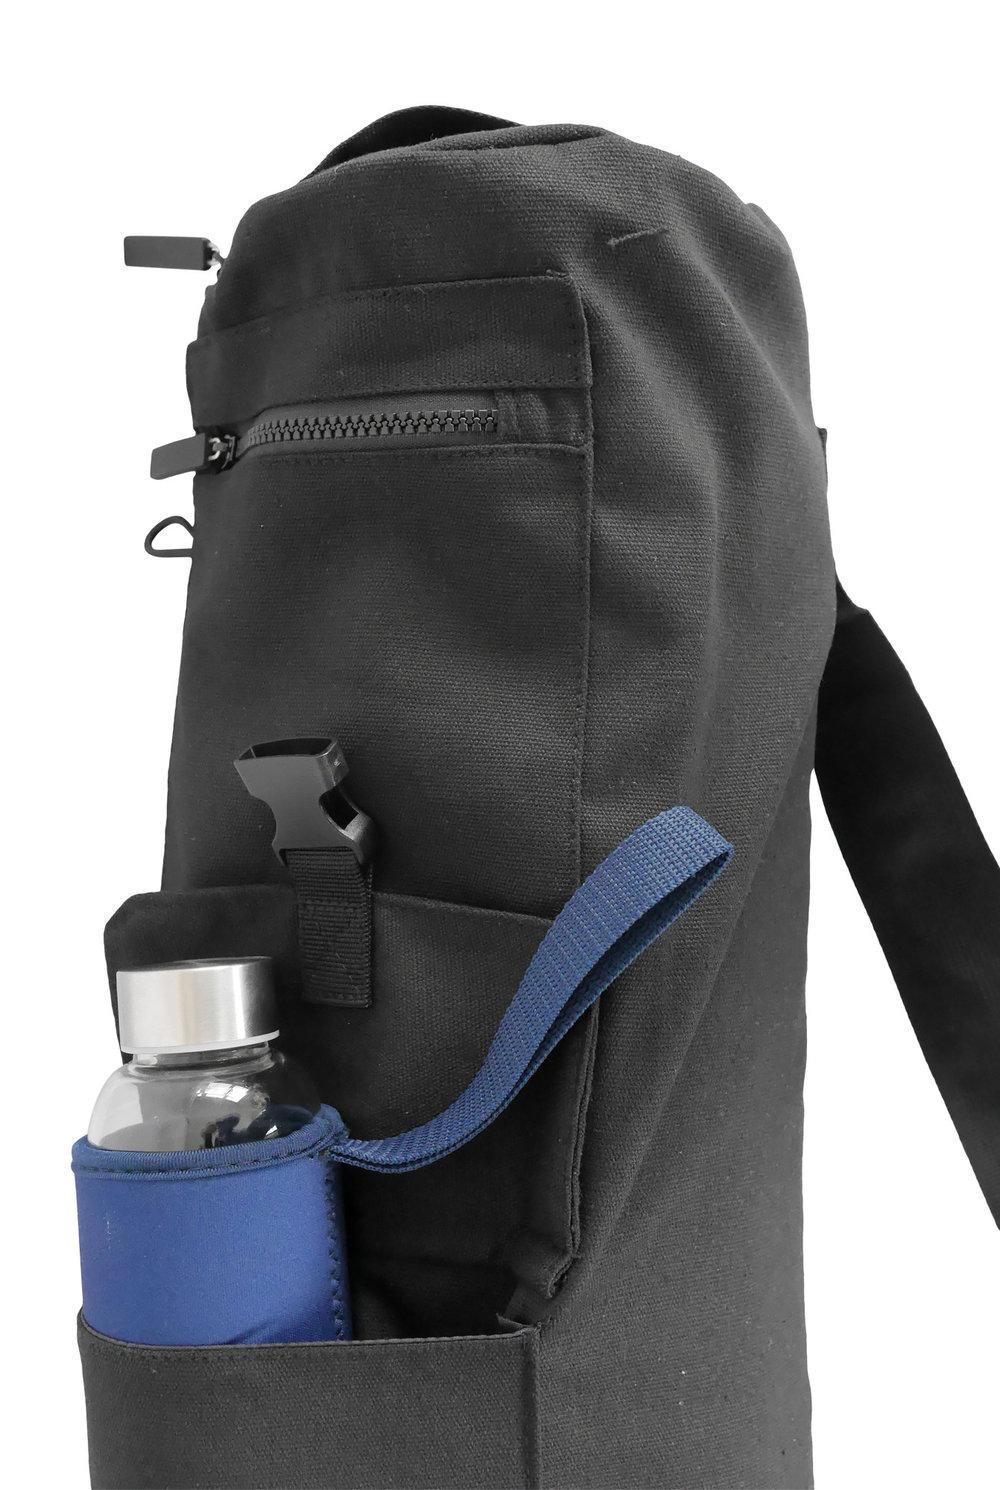 Drei aufgesetzte Taschen machen diese Yogatasche zu einer praktischen Begleiterin auf dem Weg zur Yogastunde.